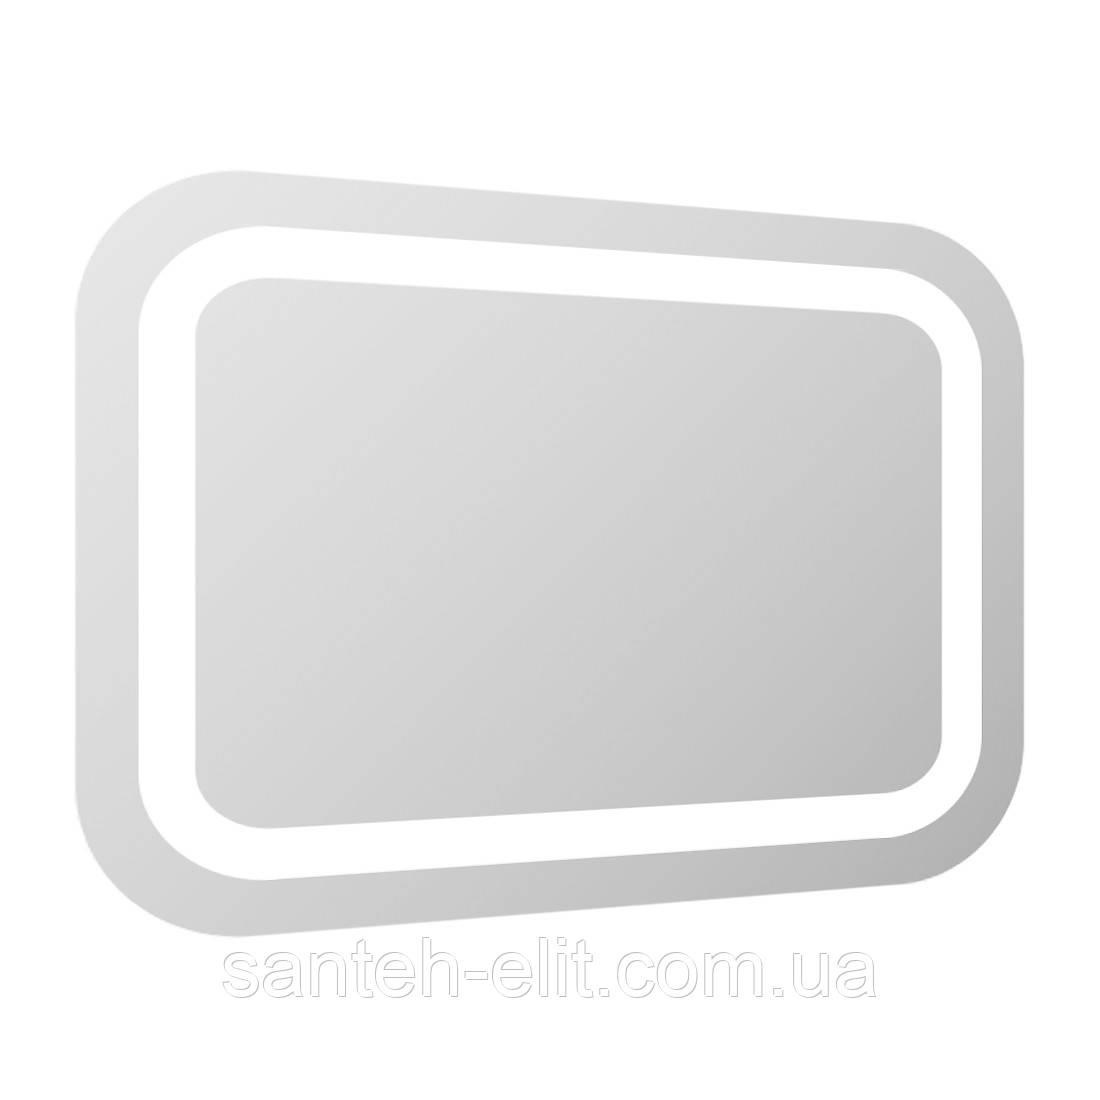 Зеркало прямоугольное 100*70см со светодиодной подсветкой, с сенсорным выключателем